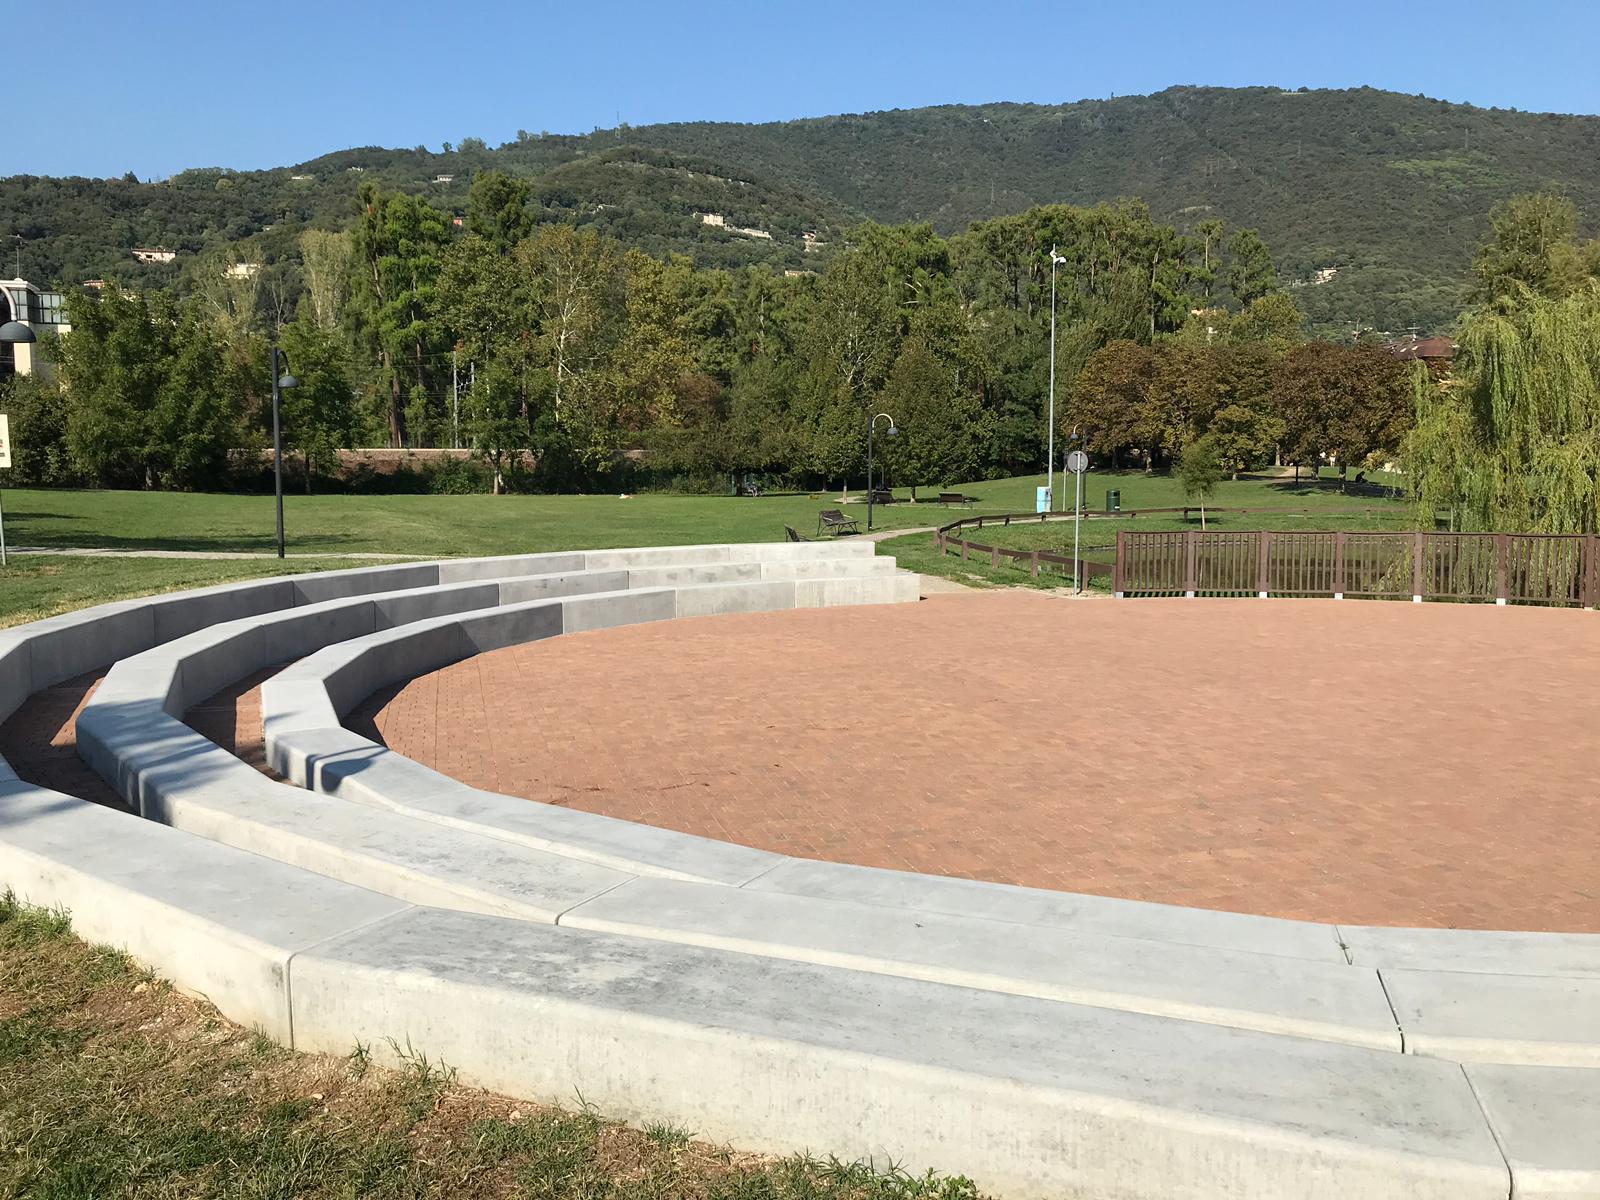 Nuova arena e parapetto in plastica riciclata, il Parco Ducos 2 si rifà il look